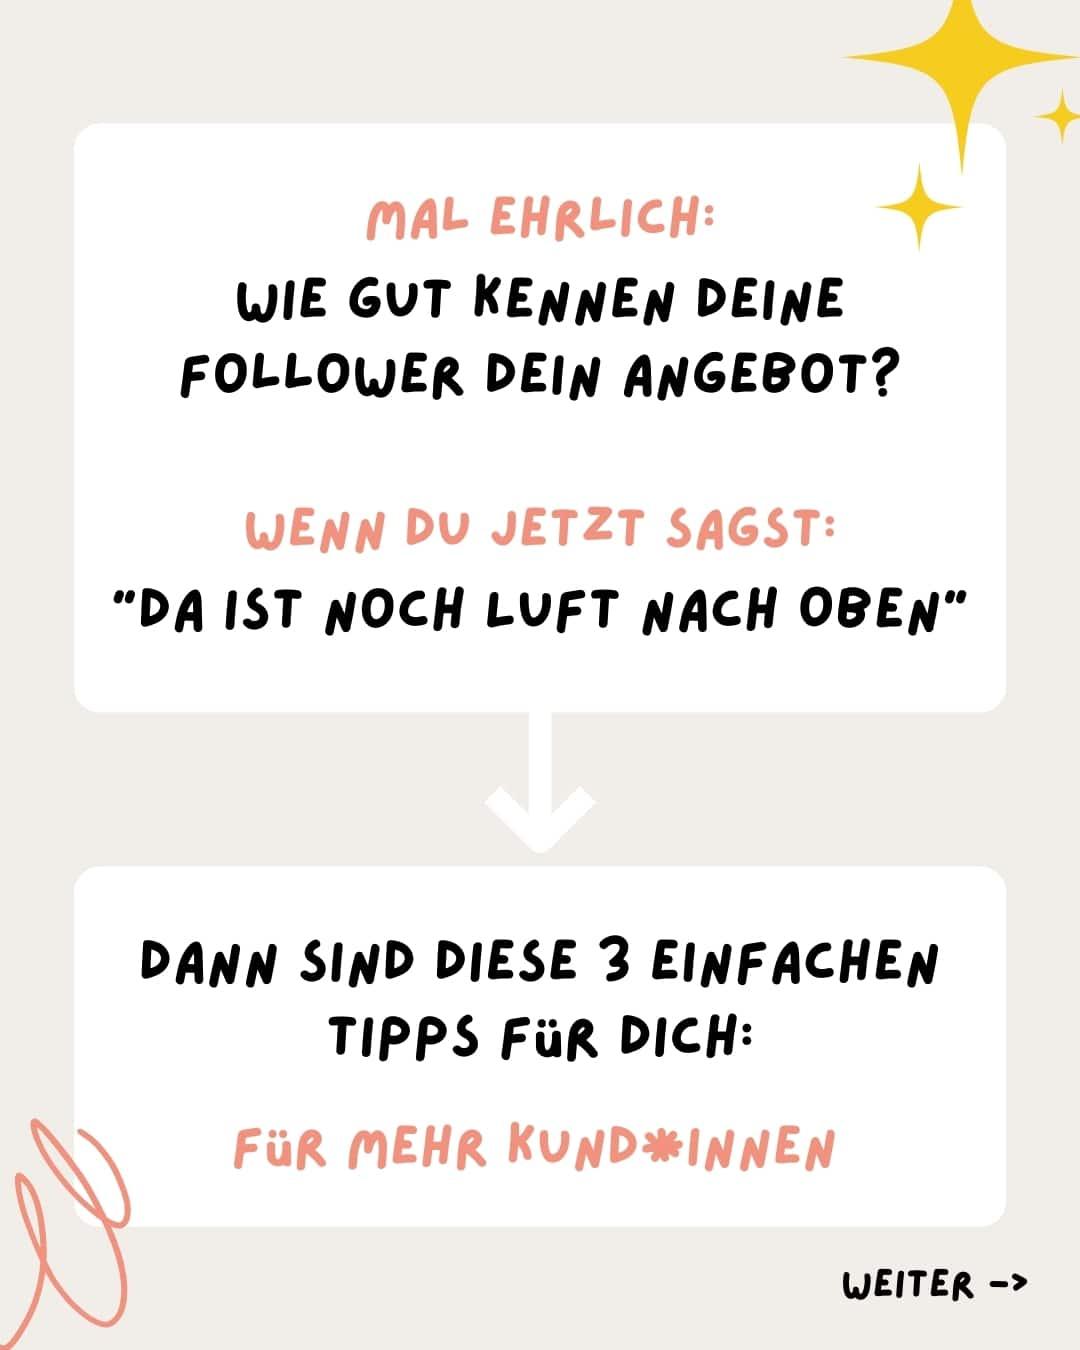 Launch-Content-Plan Beispiel (fiktiv)